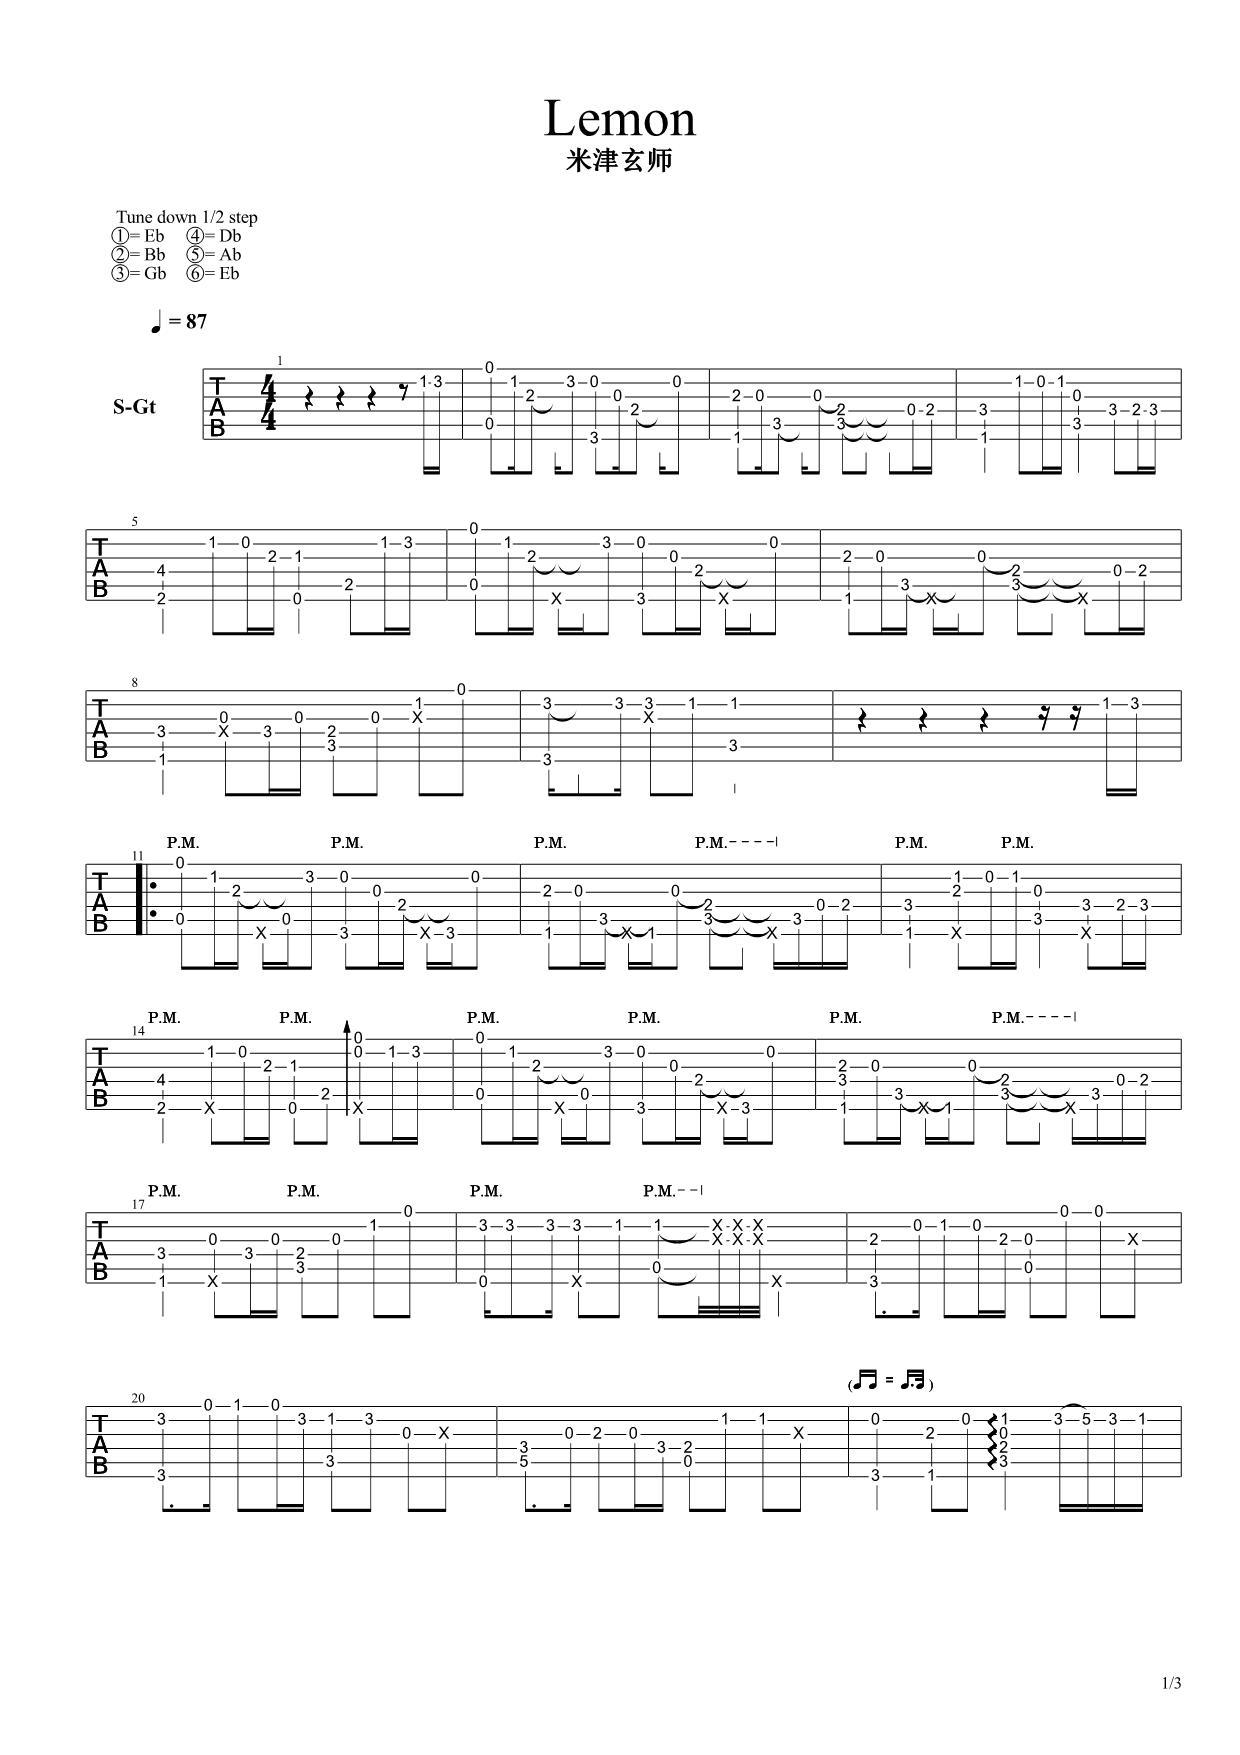 米津玄师《lemon》吉他谱 高清指弹吉他谱1